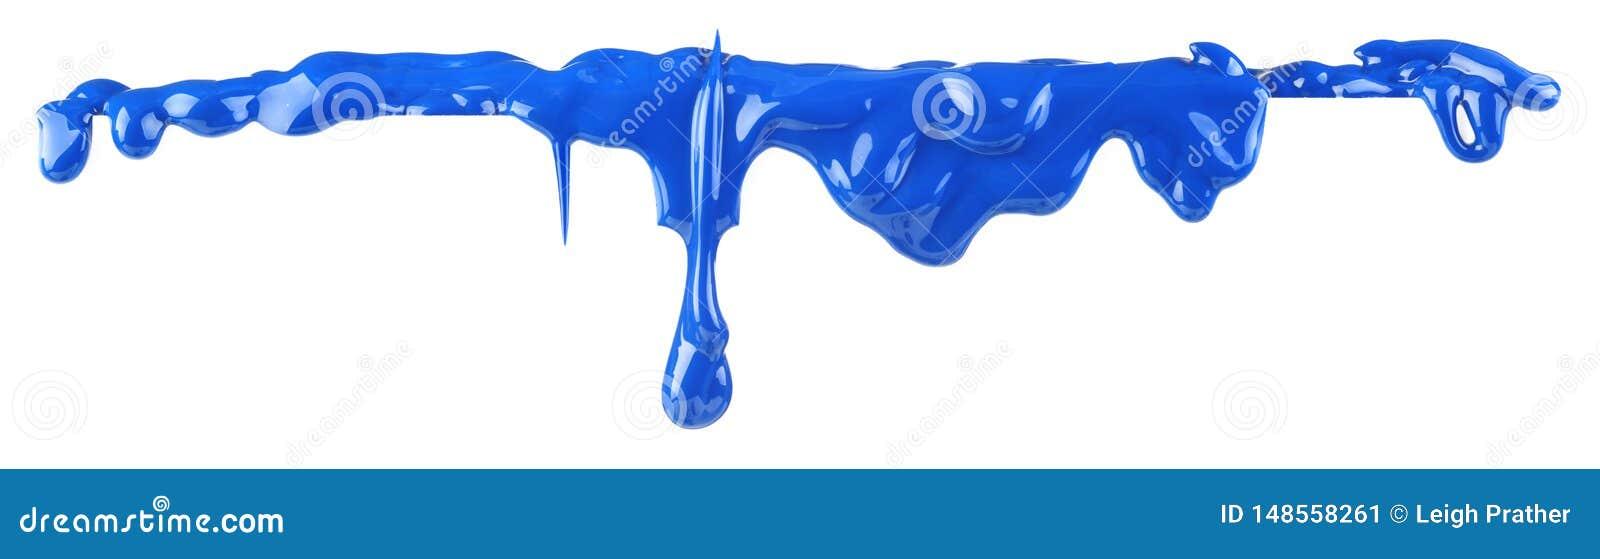 Μπλε στάλαγμα χρωμάτων που απομονώνεται